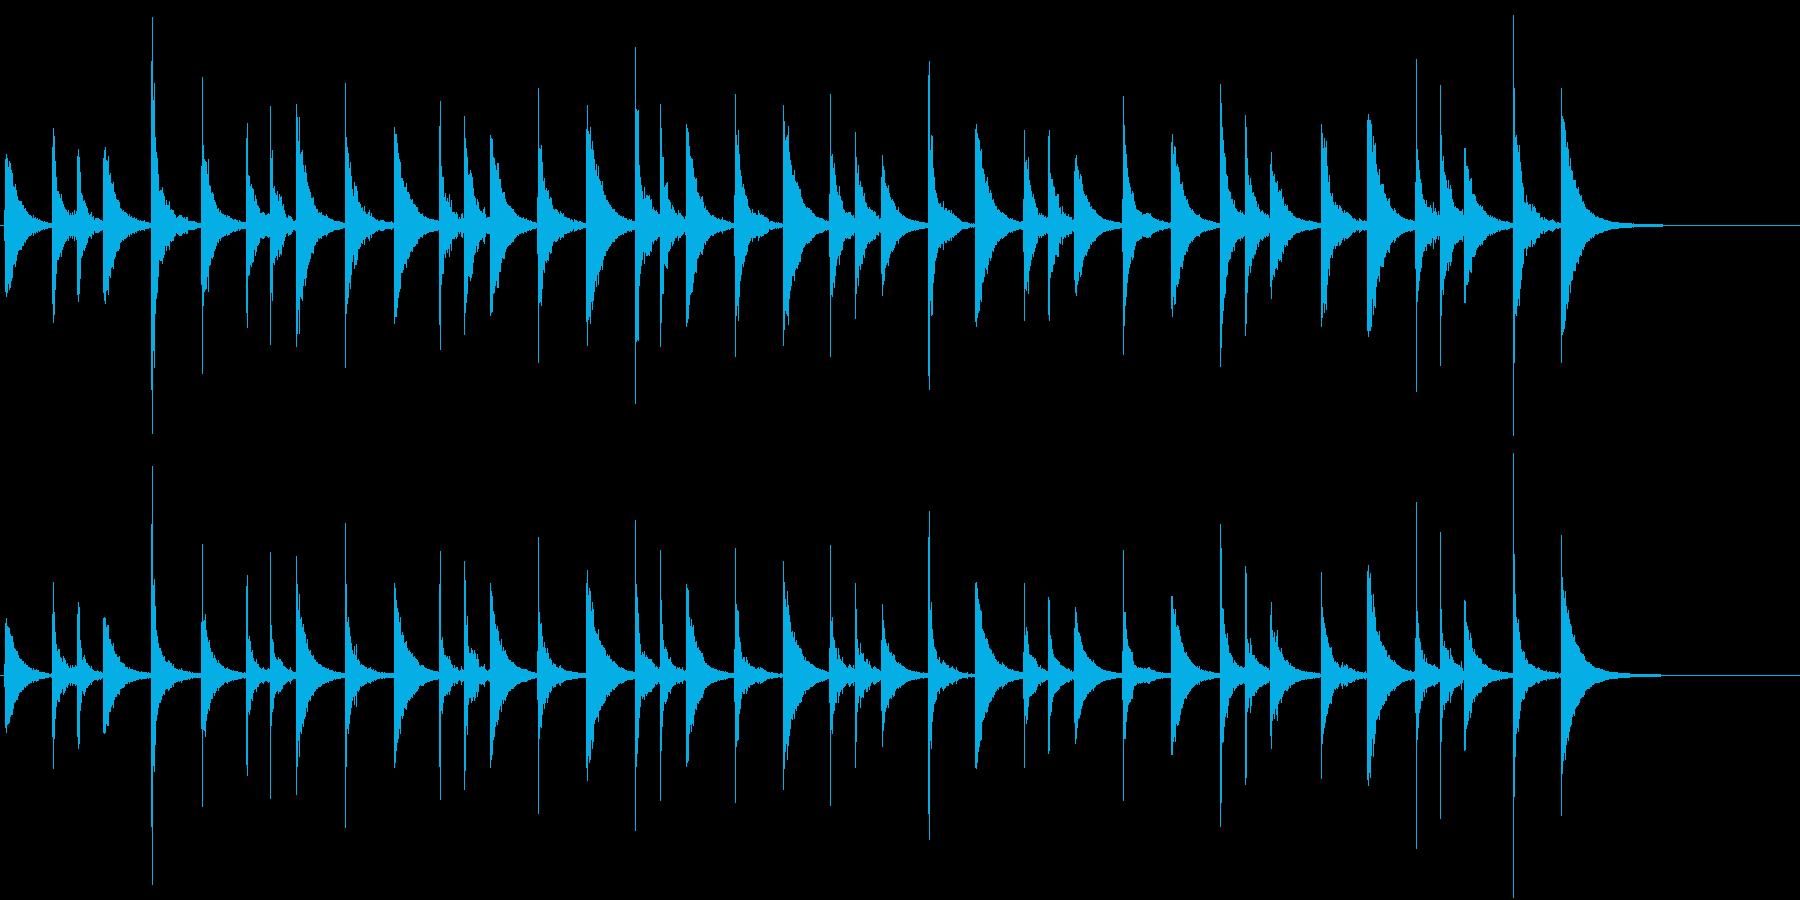 タンバリン:リオ:リズム、タンバリン音楽の再生済みの波形